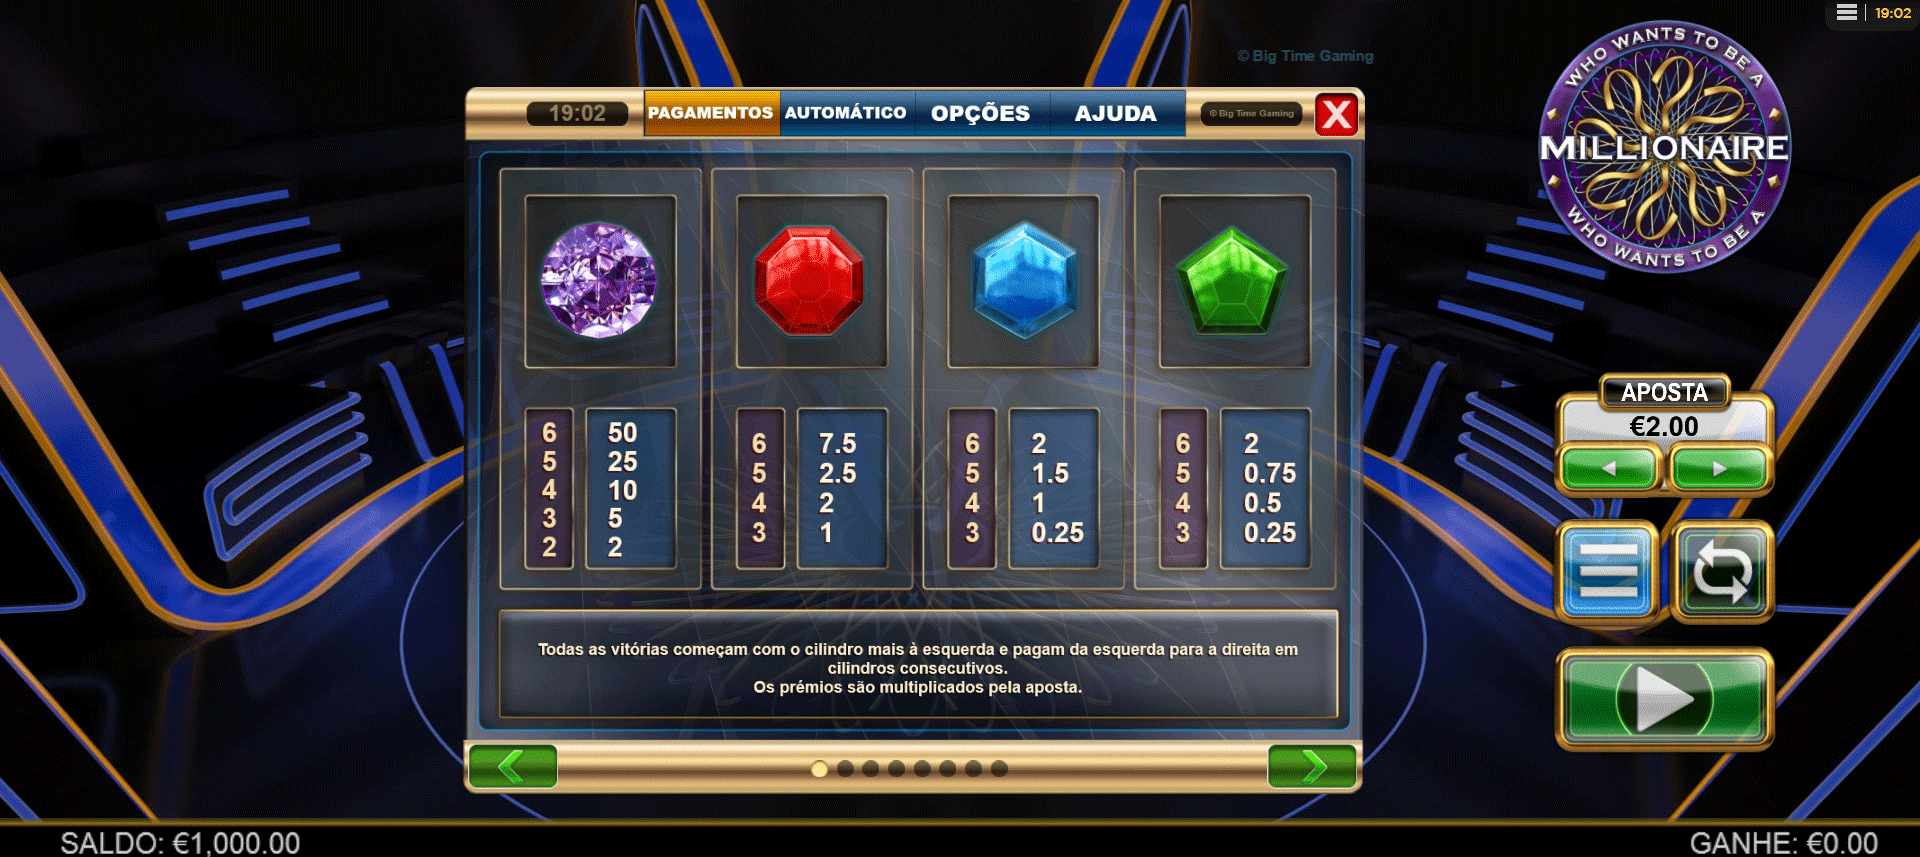 tabella dei pagamenti della slot online Who Wants to Be a Millionaire Megaways